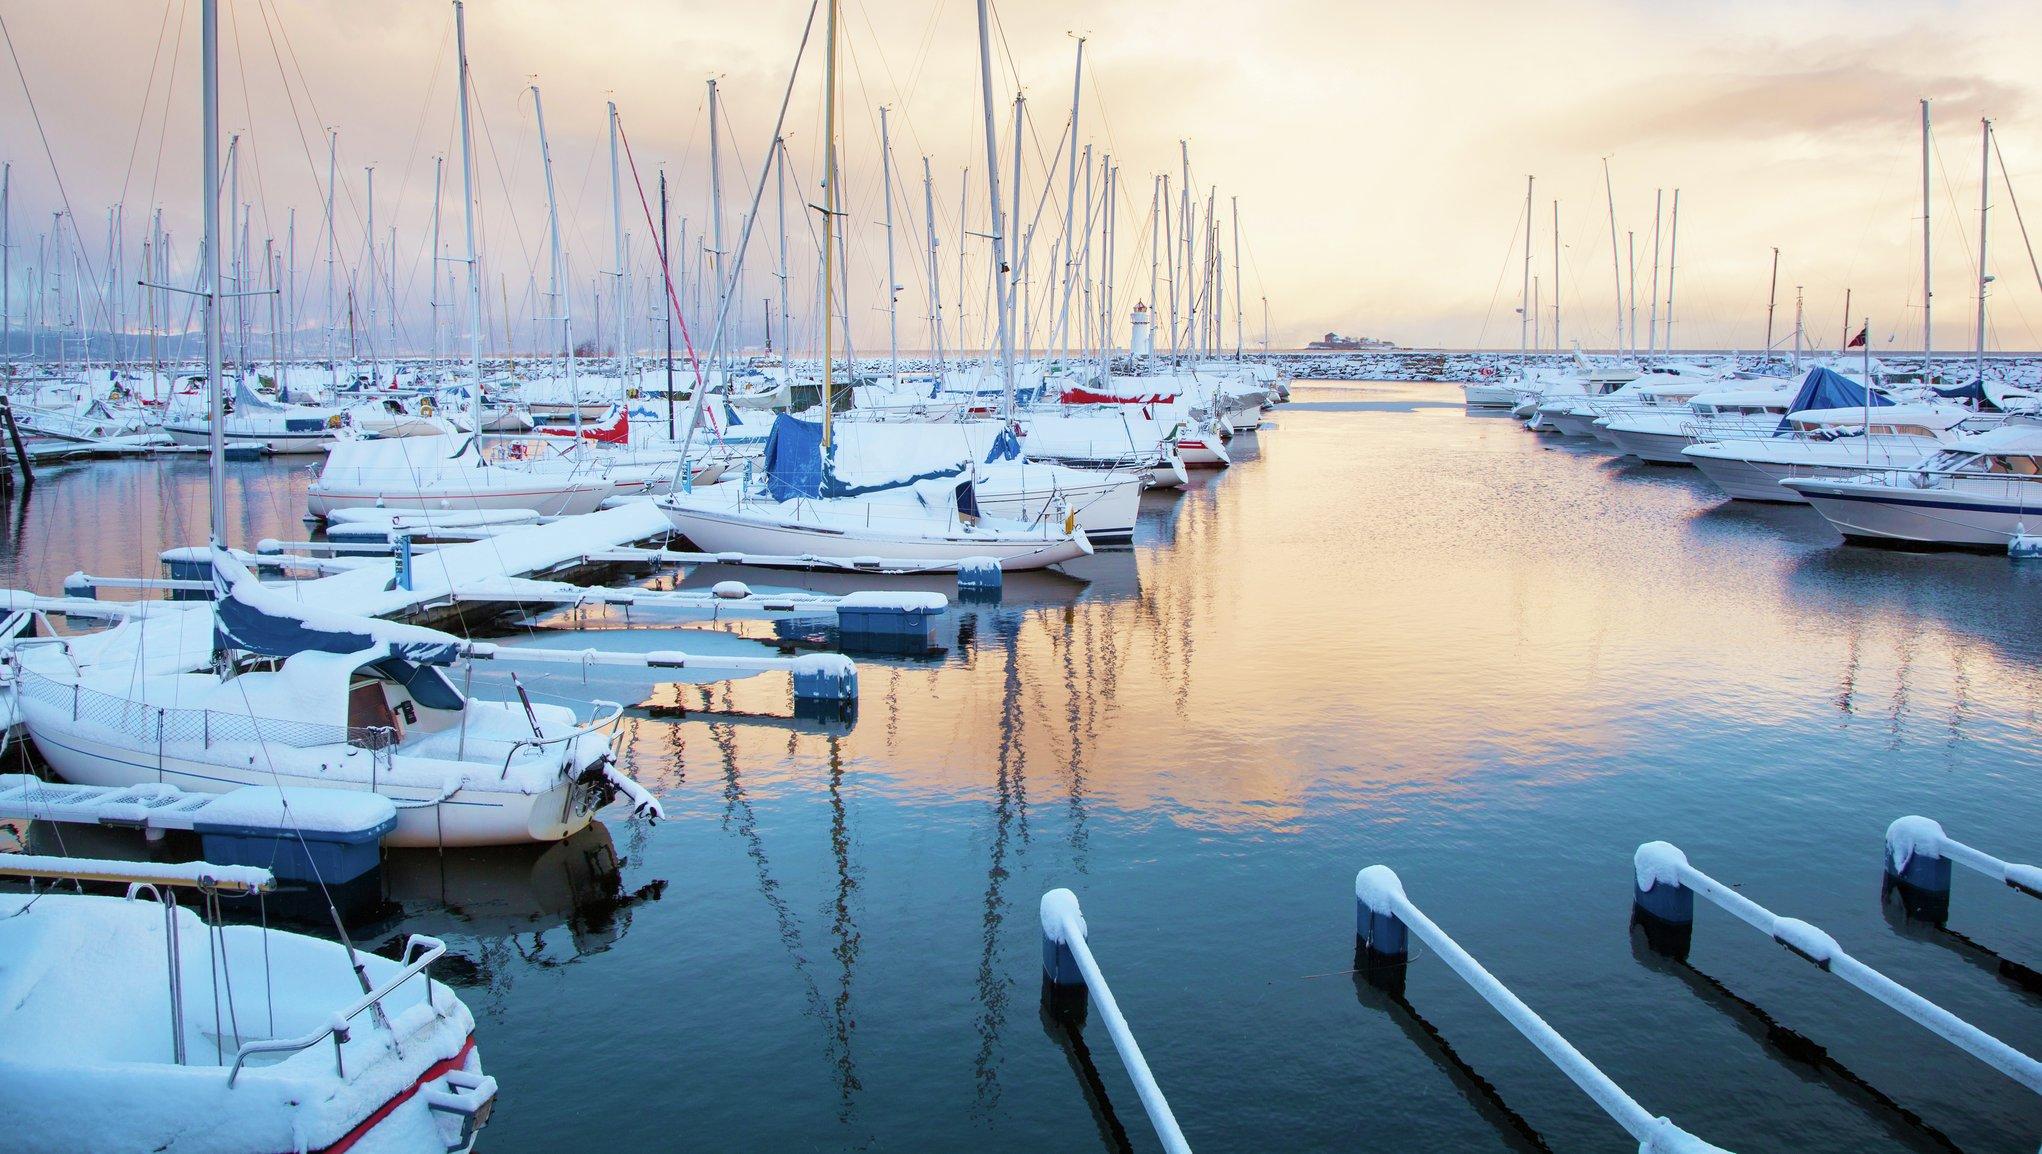 Företagets båtförsäkring